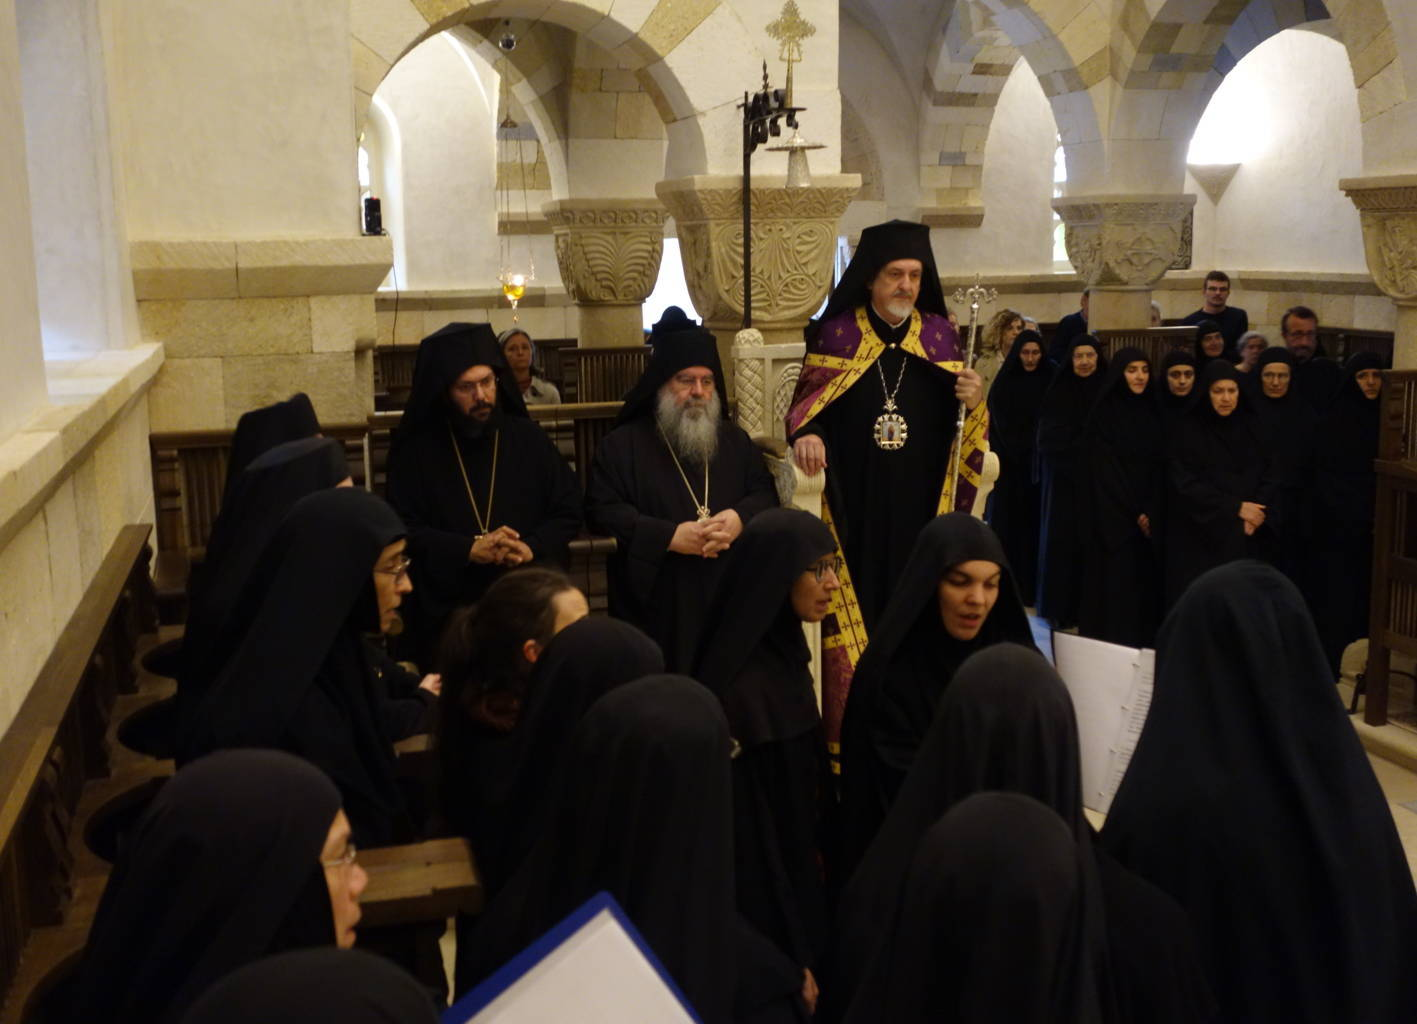 12 10 2019 7 - Λαμπρά εγκαίνια του Καθολικού της Ι. Μονής Αγίας Σκέπης Σολάν